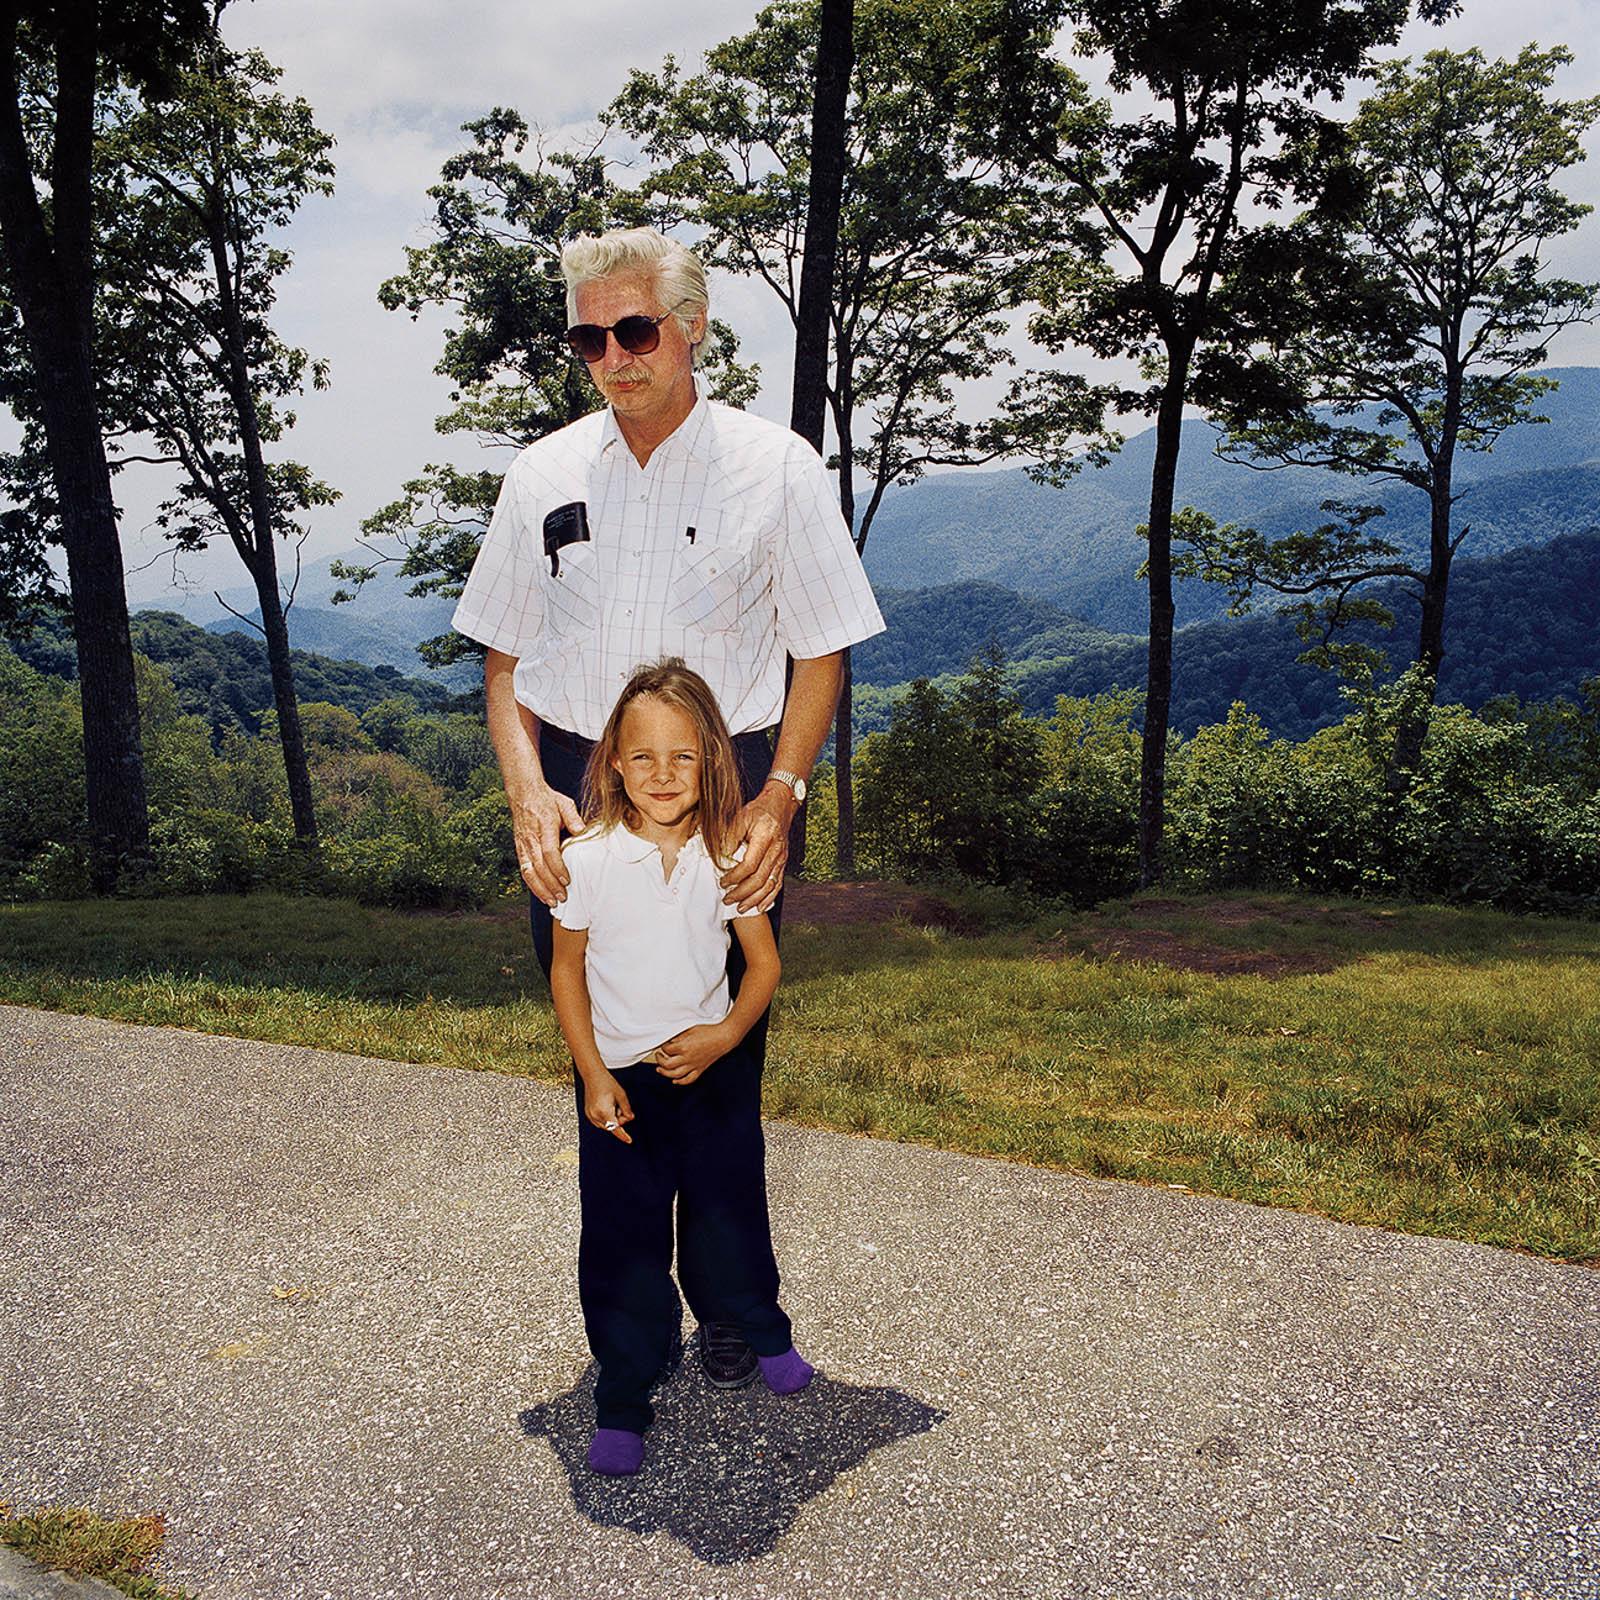 Grandfather & Granddaughter at Great Smoky Mountains, North Carolina 1999